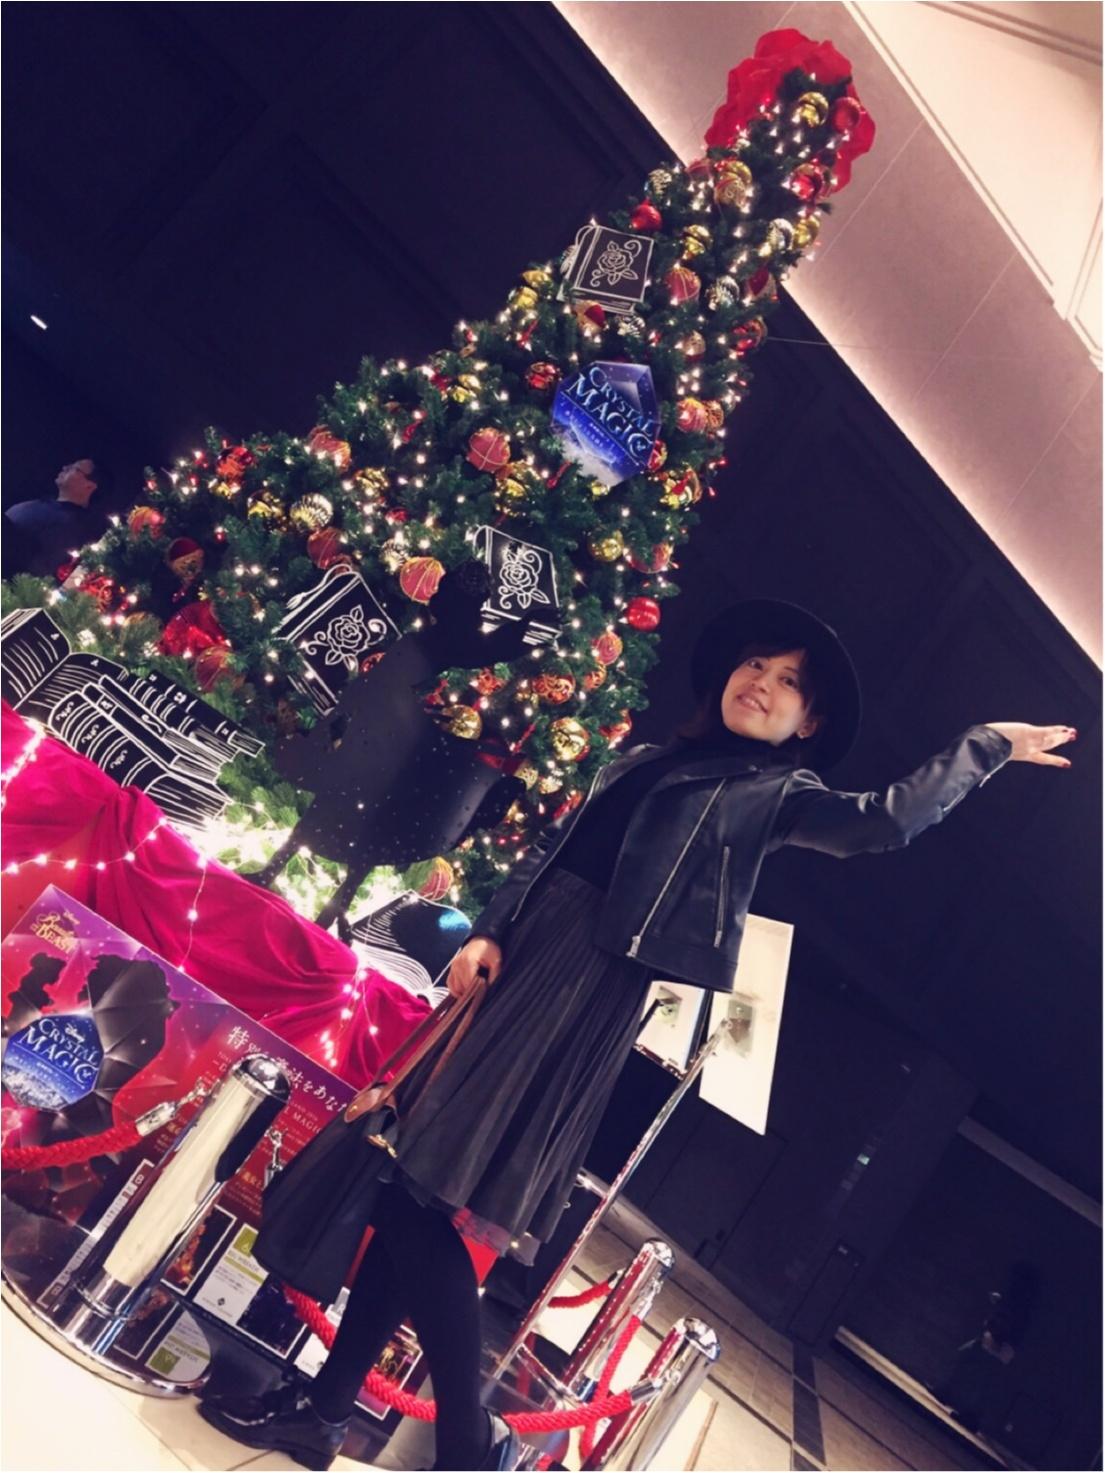 【美女と野獣】の世界に出会える❤︎TOKYU PLAZA GINZAでひと足お先にクリスマス気分☺︎_2